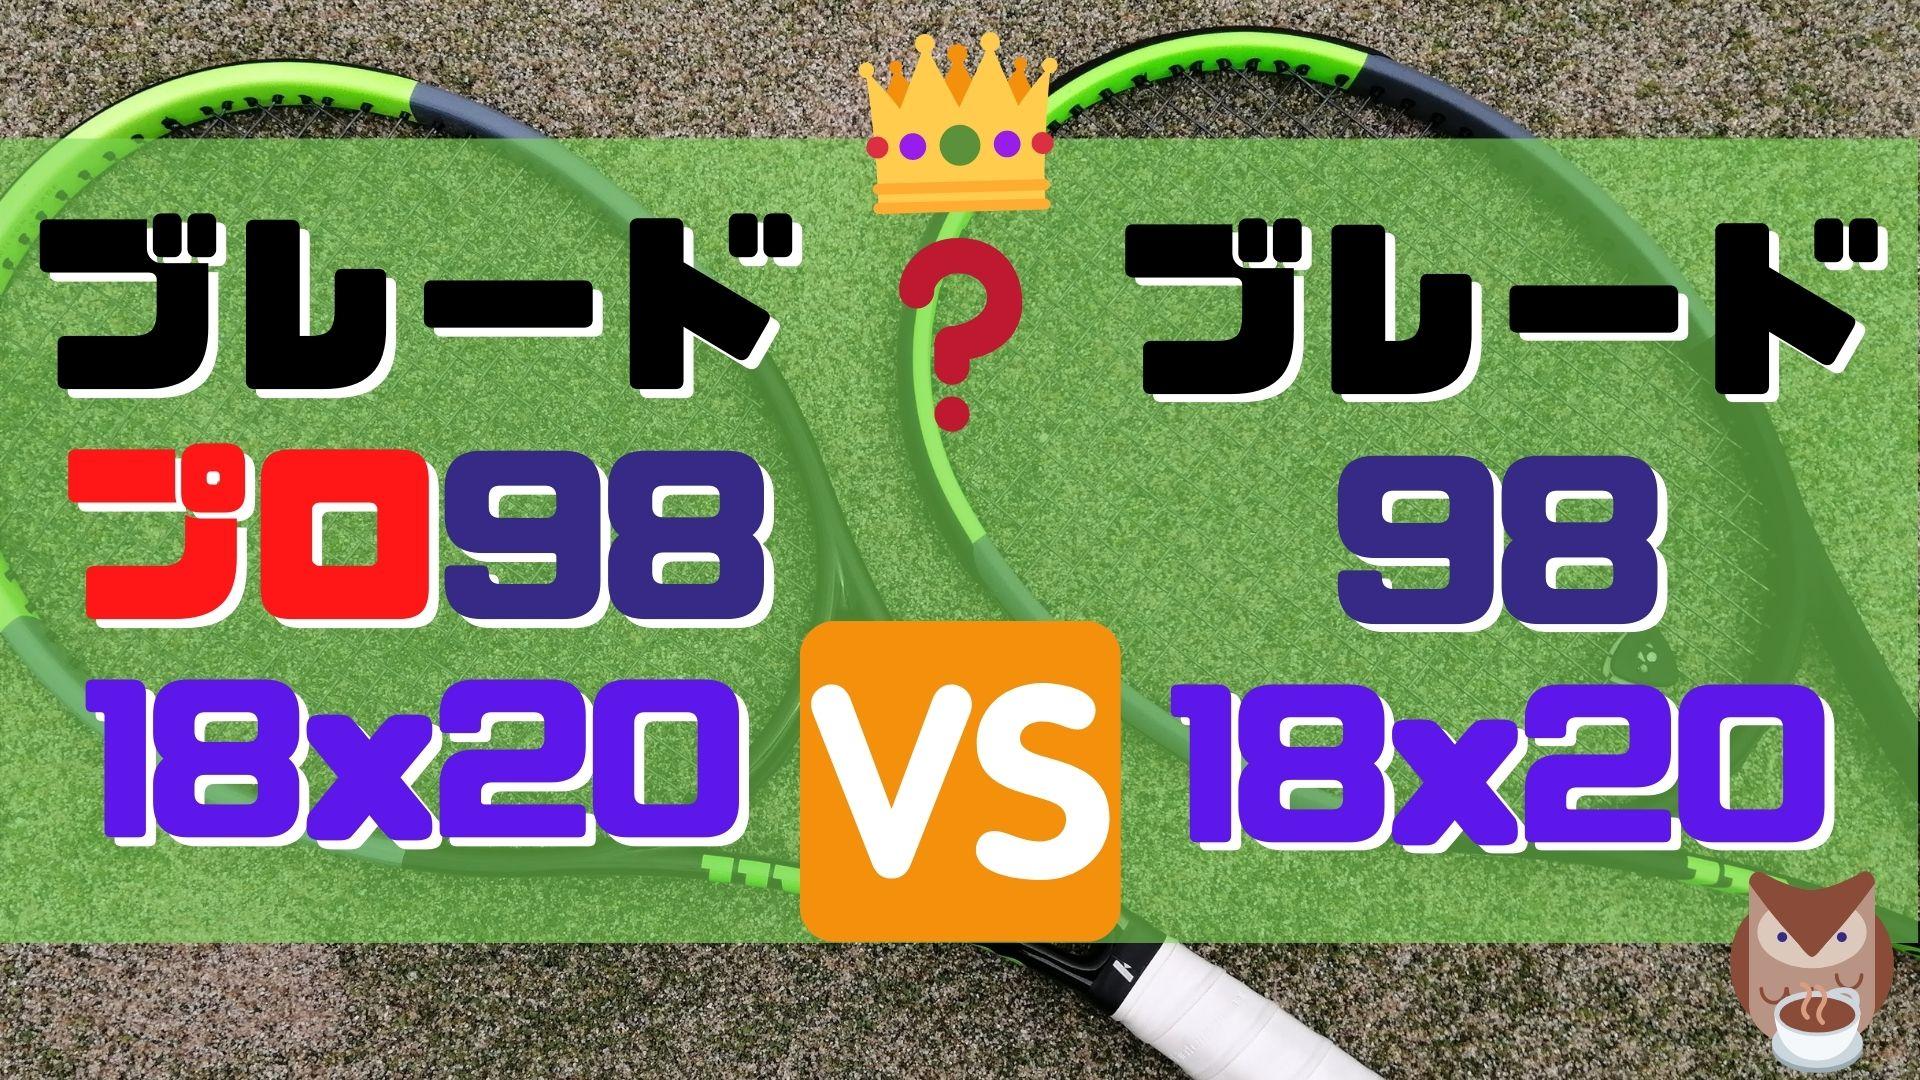 ブレードプロ 98(18×20) vs. ブレード98(18×20)【インプレ比較】